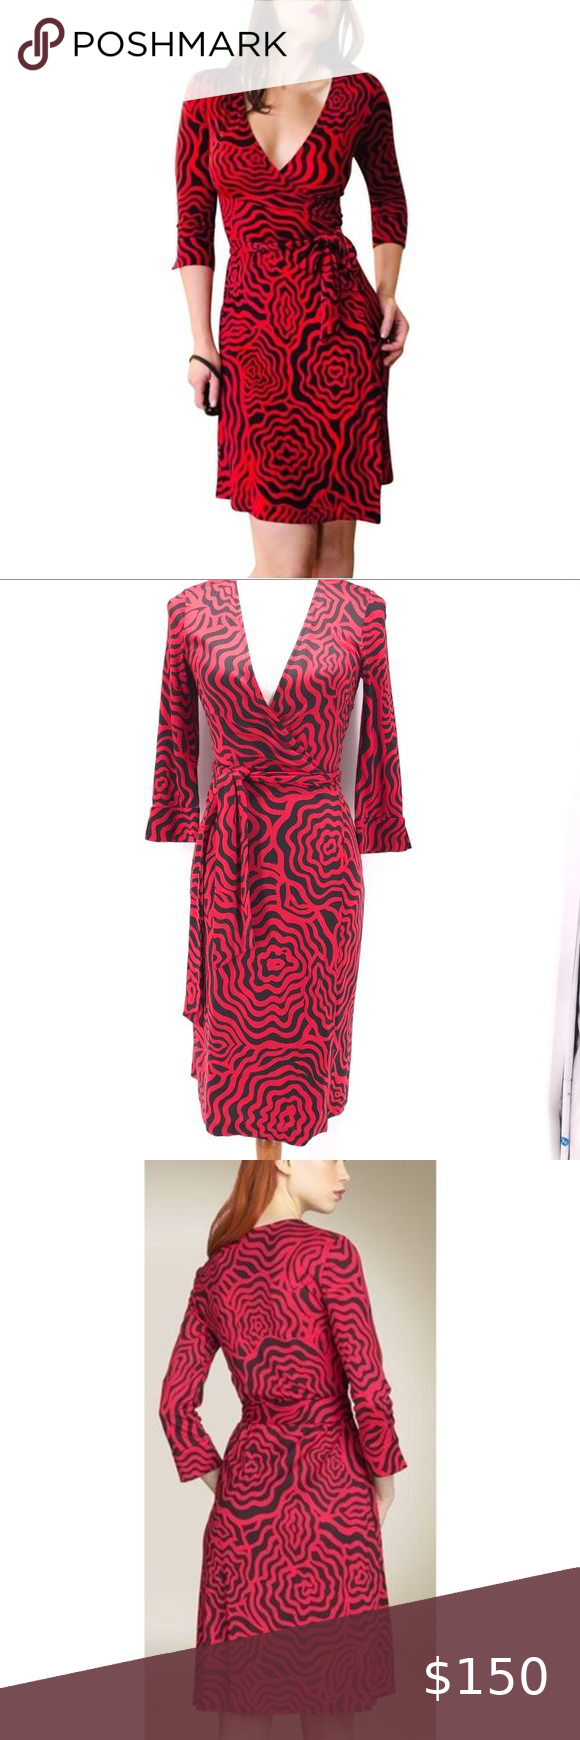 Vintage Dvf Julian Two Silk Jersey Wrap Dress Sz 4 Jersey Wrap Dress Dresses Wrap Dress [ 1740 x 580 Pixel ]